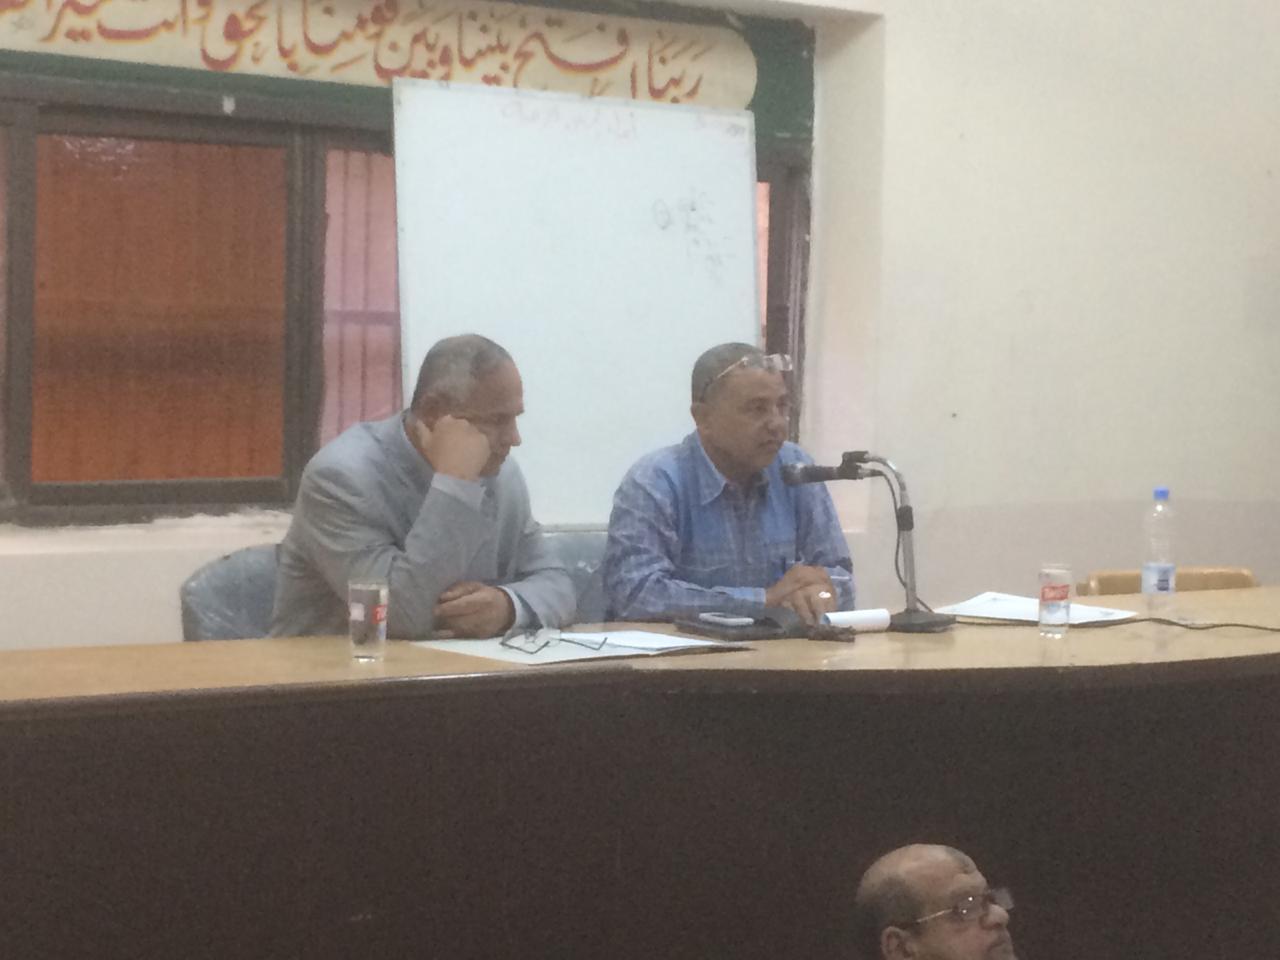 رئيس مدينة الزقازيق يجتمع مع رؤساء الأقسام لهذا السبب